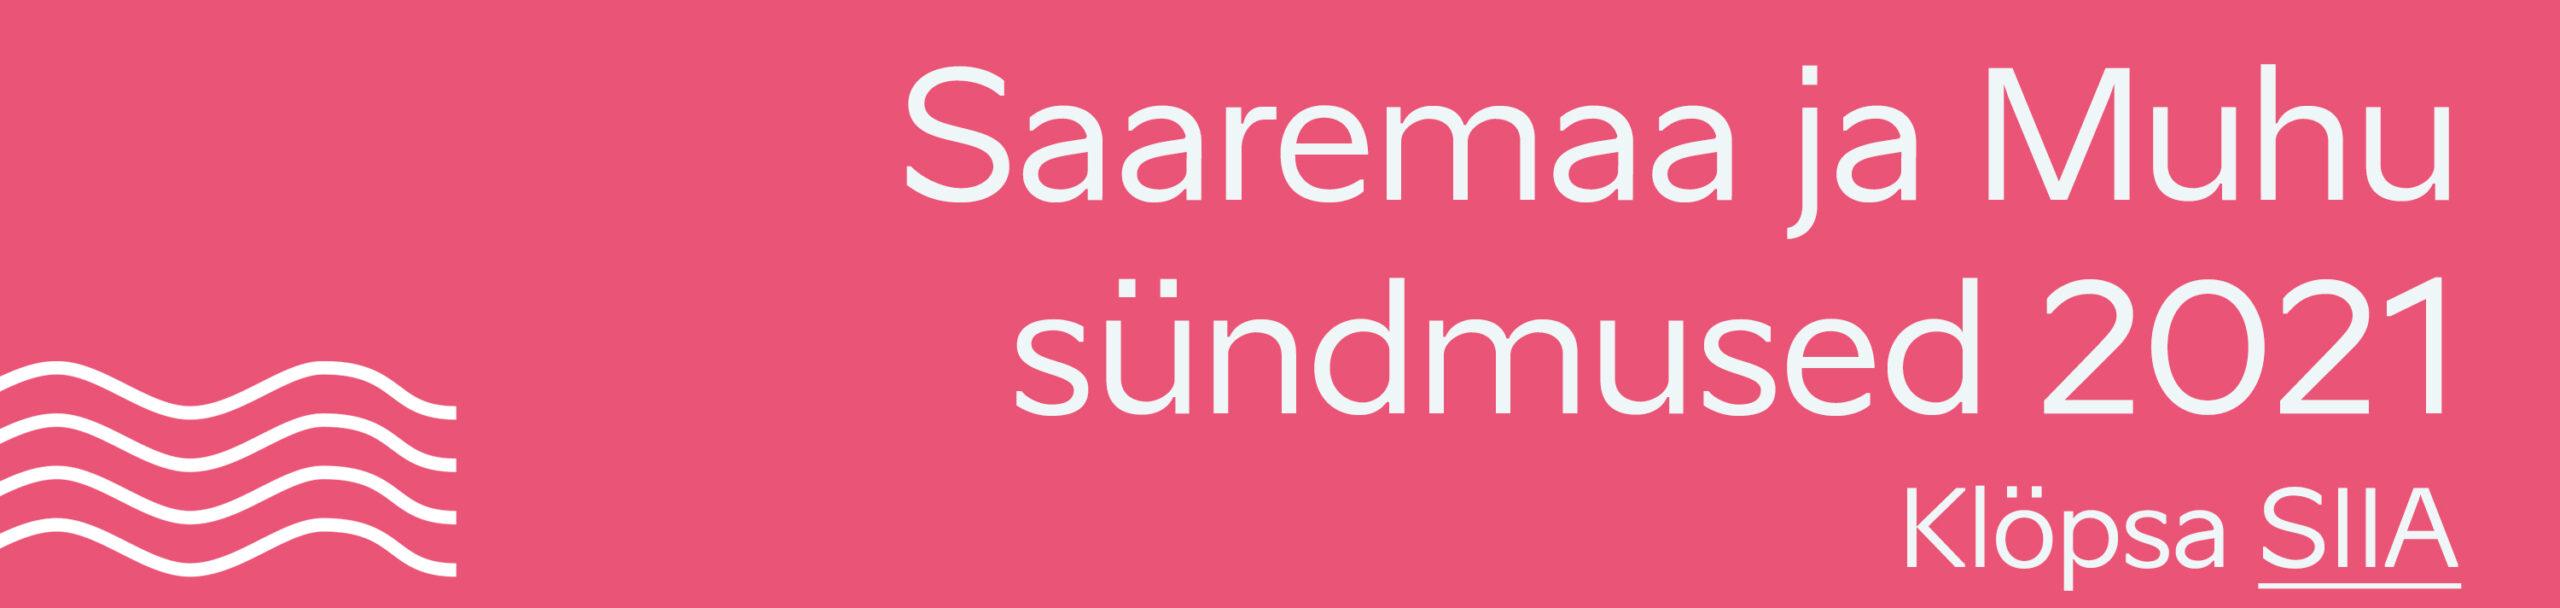 Saaremaa sündmused 2021